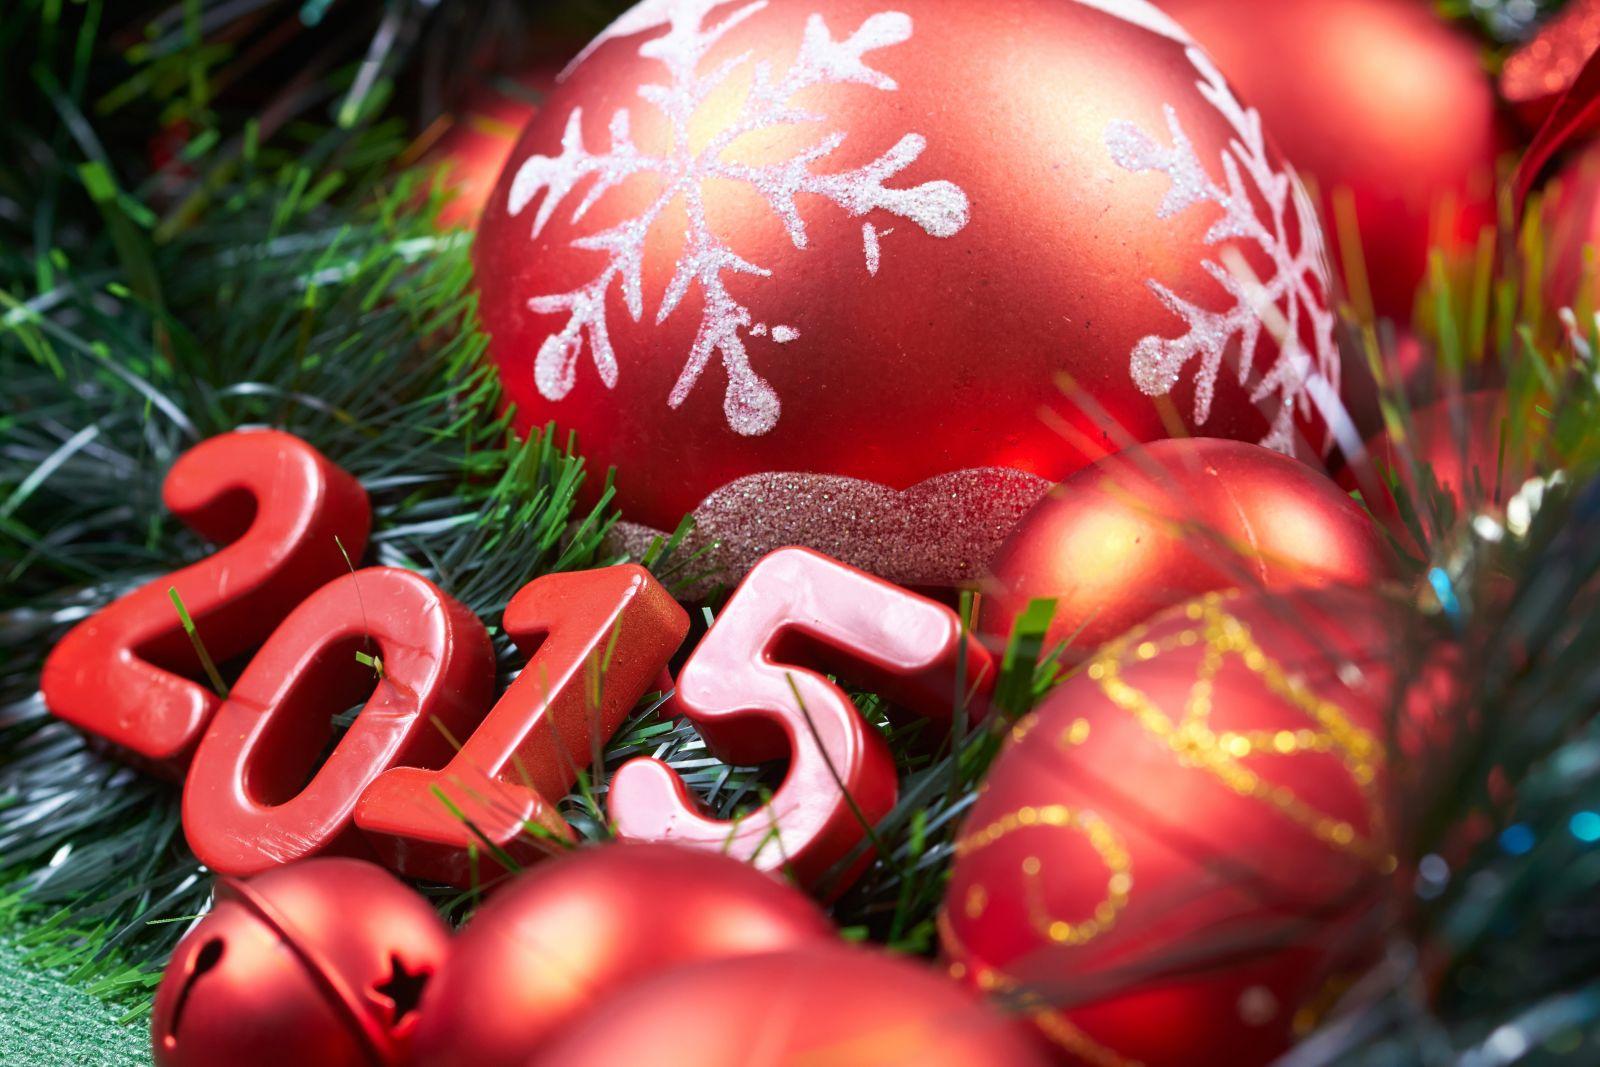 С Новым годом Козы! Смс-поздравления в стихах - фото №3